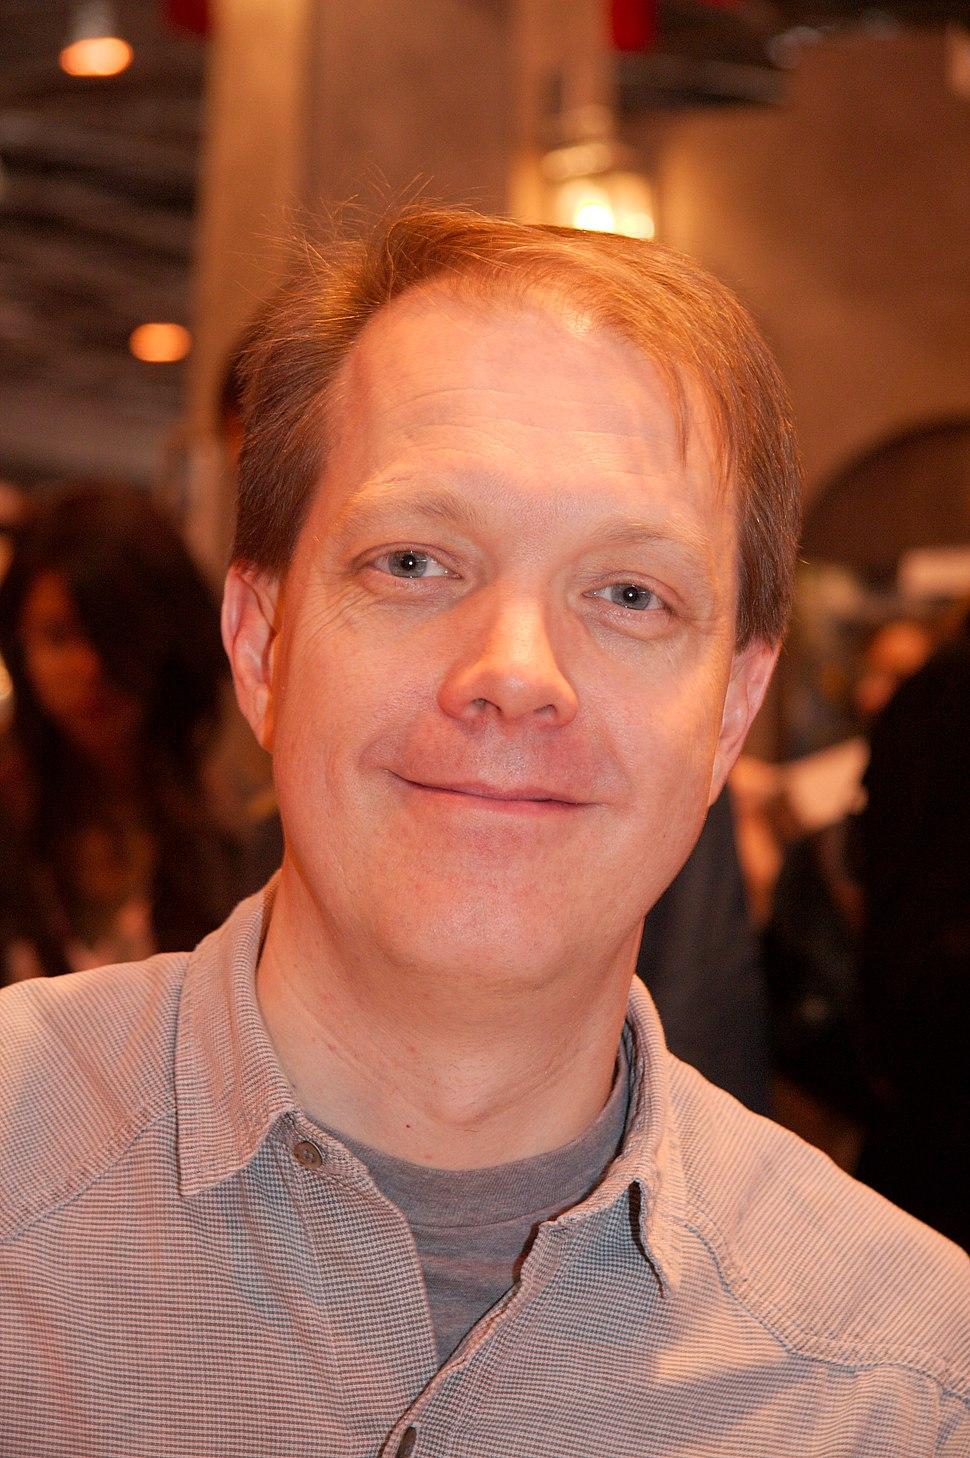 Roberts at Salon du livre 2008 (Paris, France)